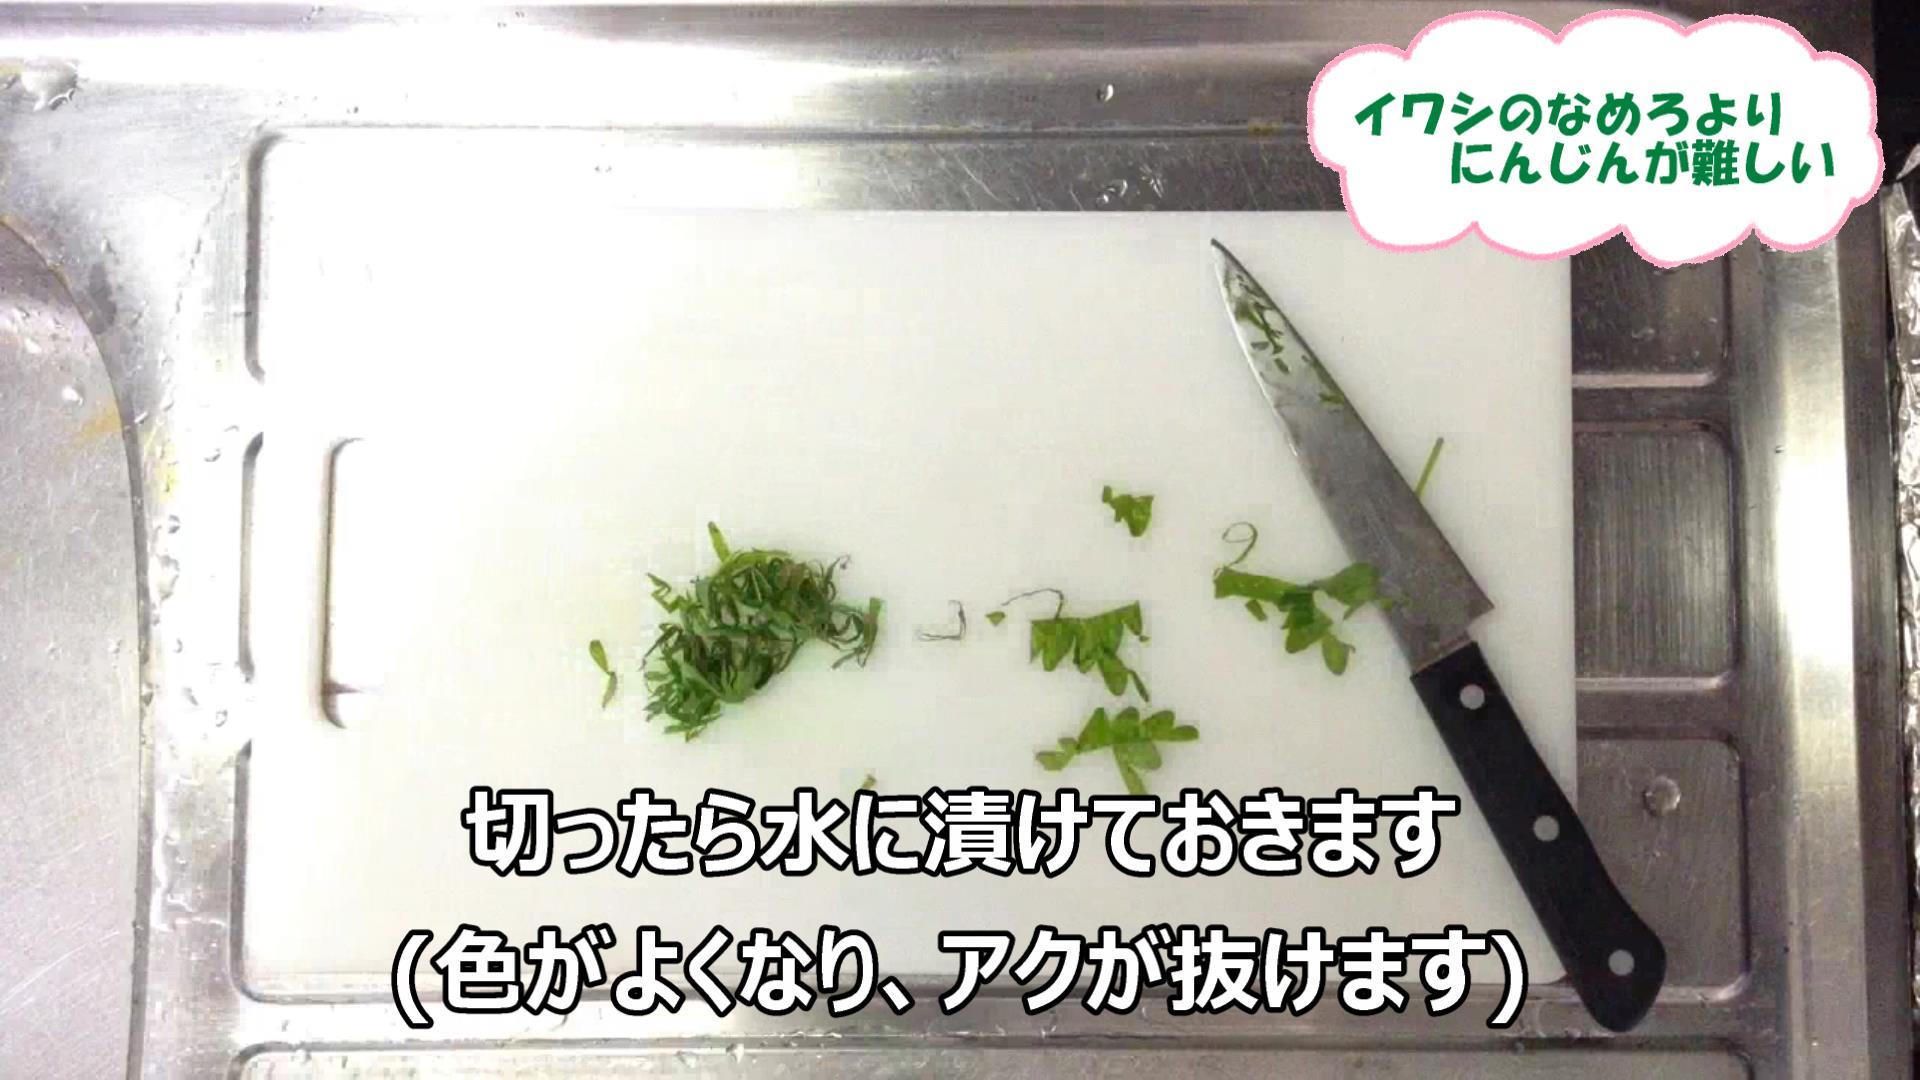 なめろおろし(8)